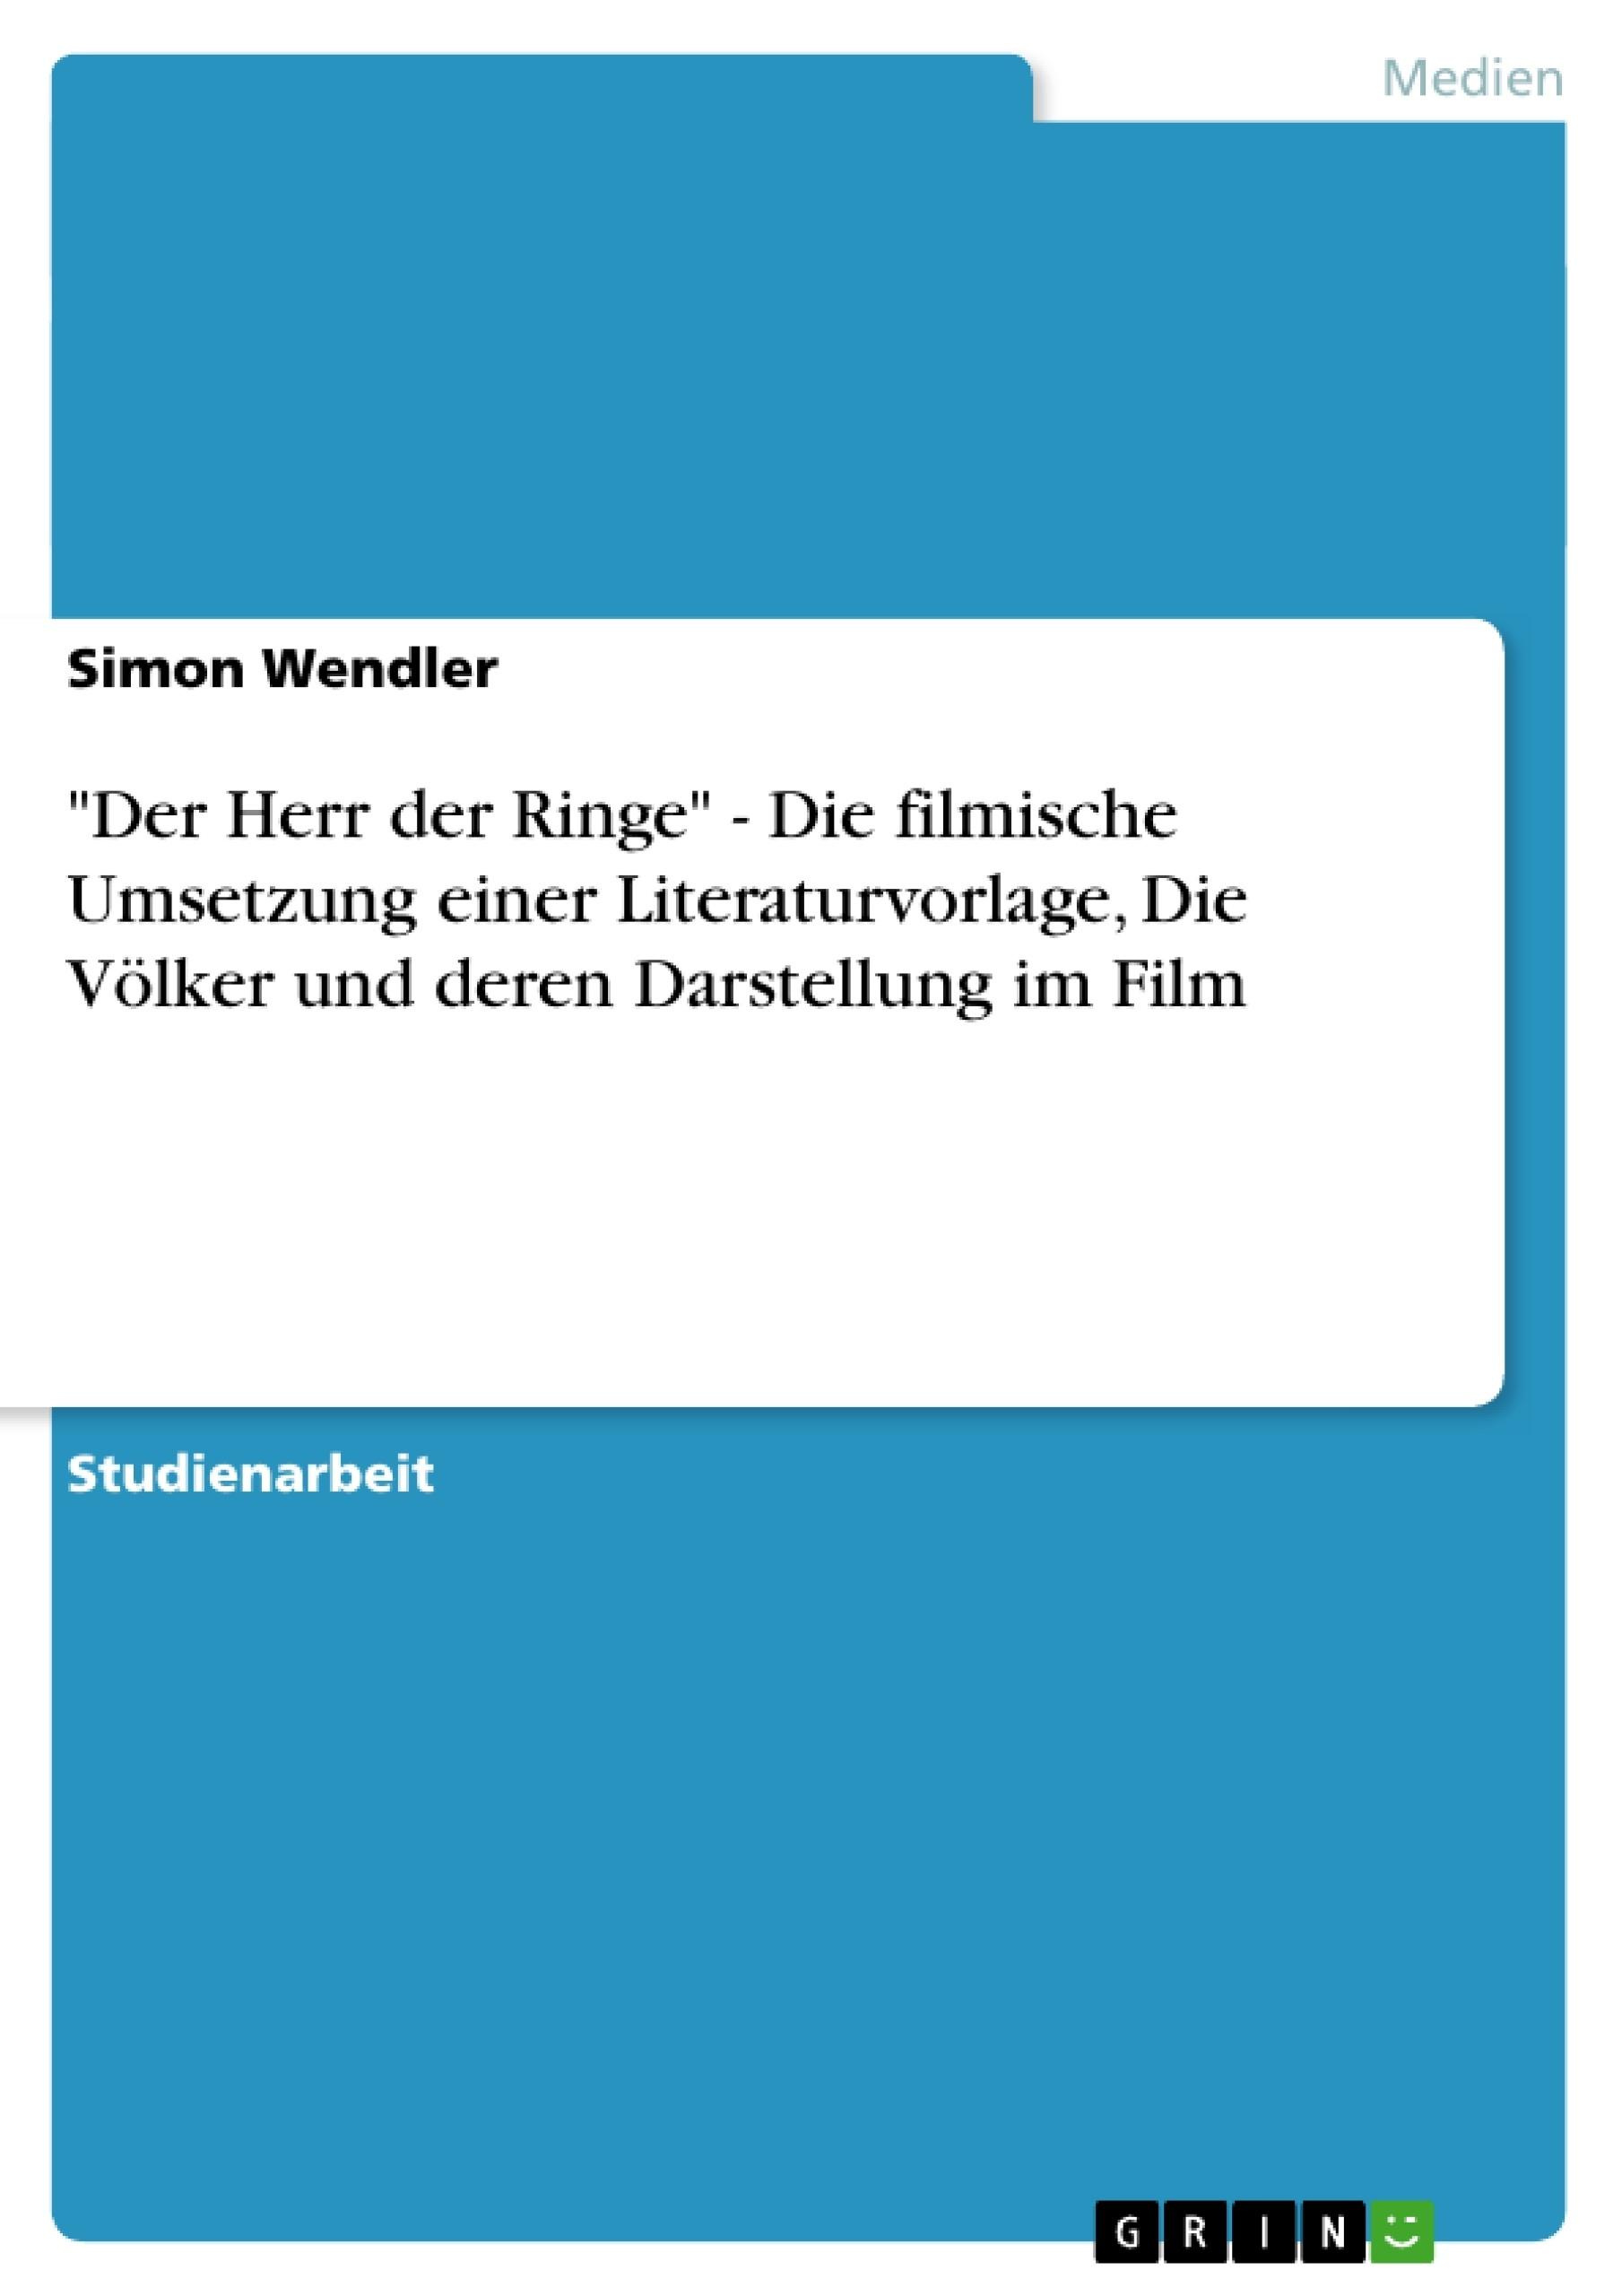 """Titel: """"Der Herr der Ringe"""" - Die filmische Umsetzung einer Literaturvorlage, Die Völker und deren Darstellung im Film"""